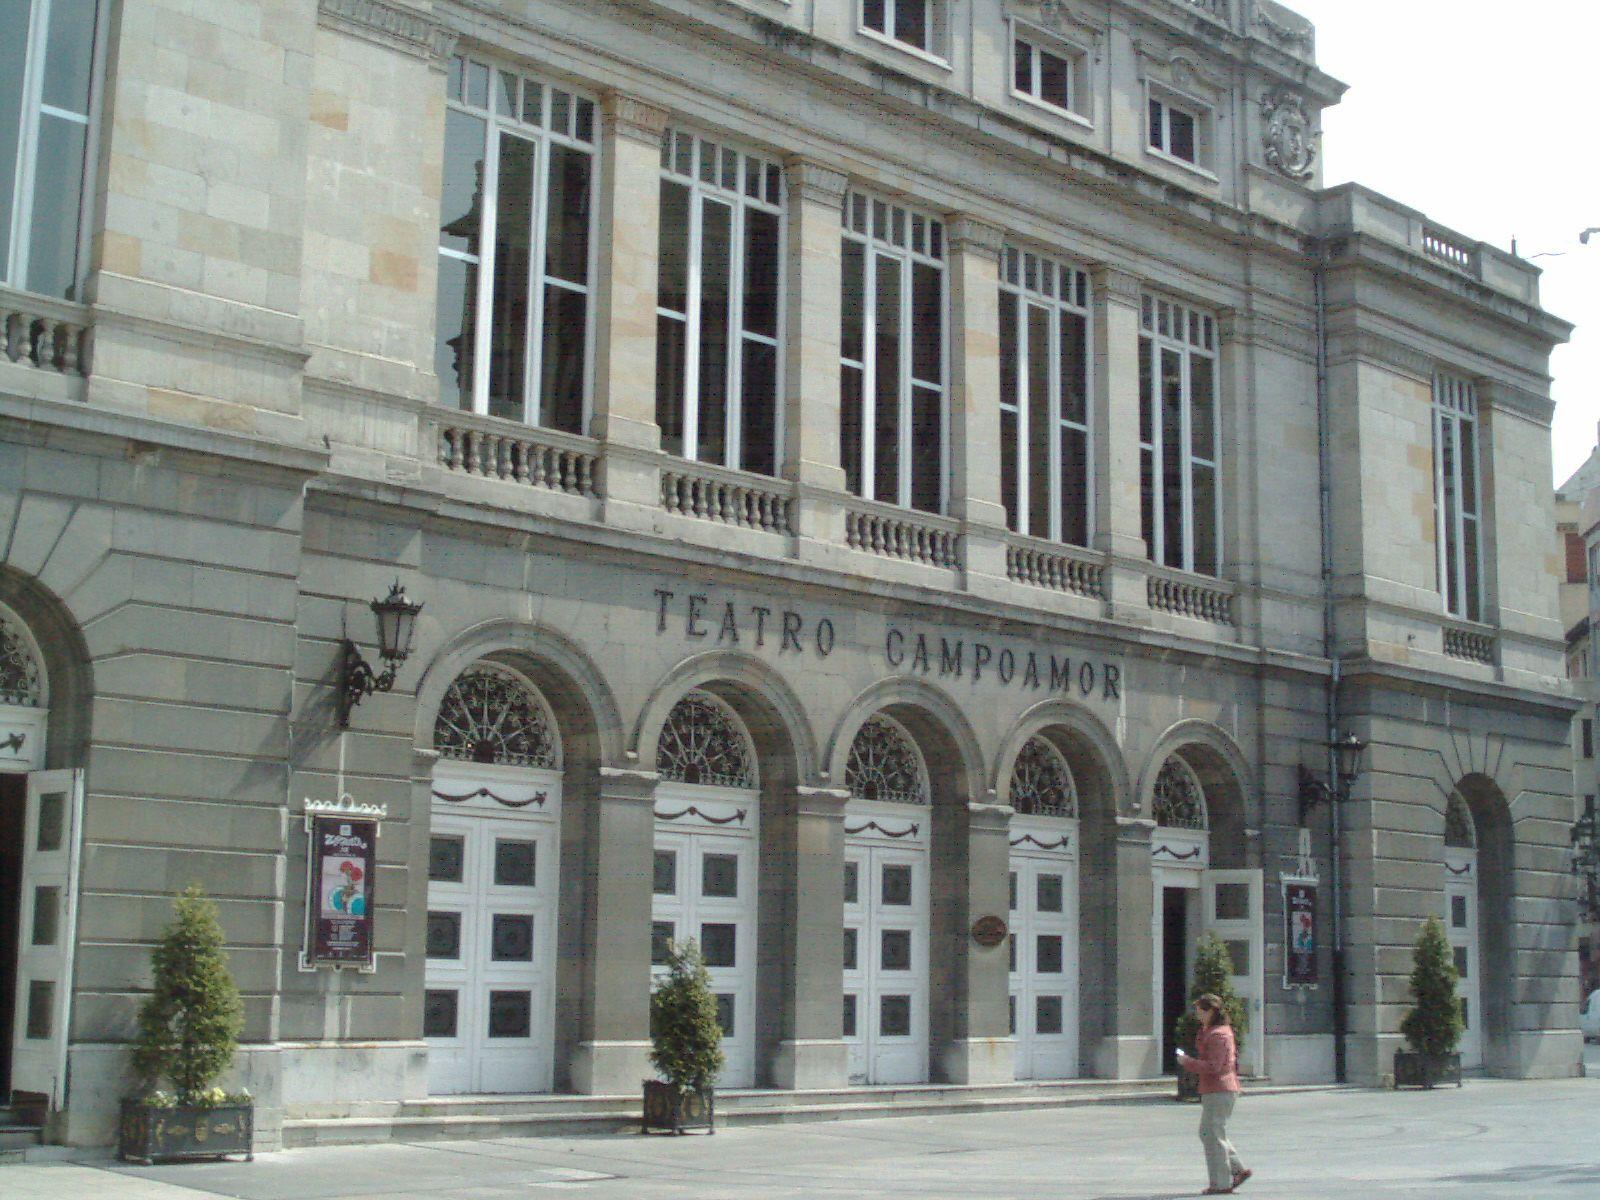 En el Teatro Campoamor, de Oviedo, se entregan todos los años los premios Príncipe de Asturias. Crédito: Jaime Escobar, fotógrafo aficionado.